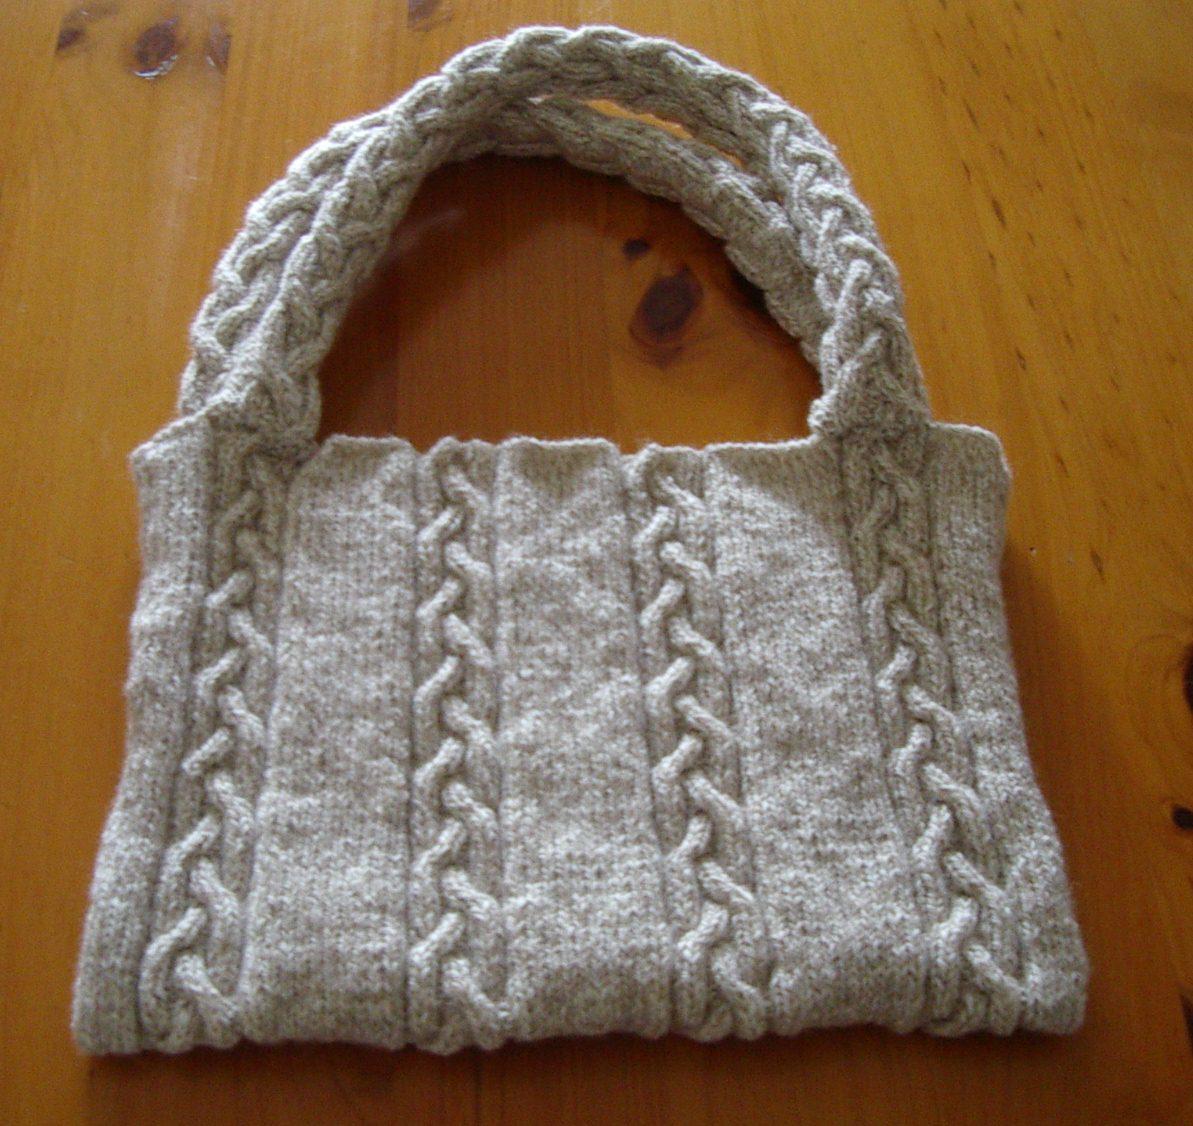 Laptop Bag Knitting Pattern : Knitting Patterns Online - Knitting Patterns for Bags and Laptop Sleeves